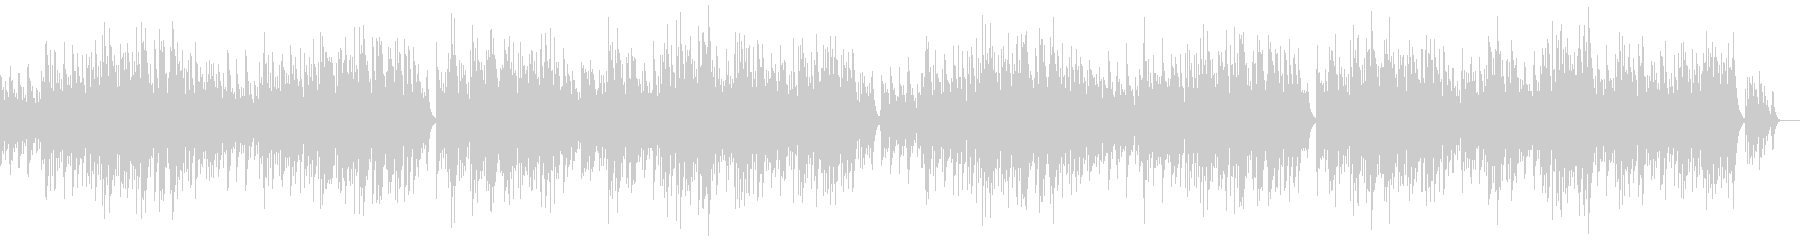 「G線上のアリア」のオルゴールソロの未再生の波形